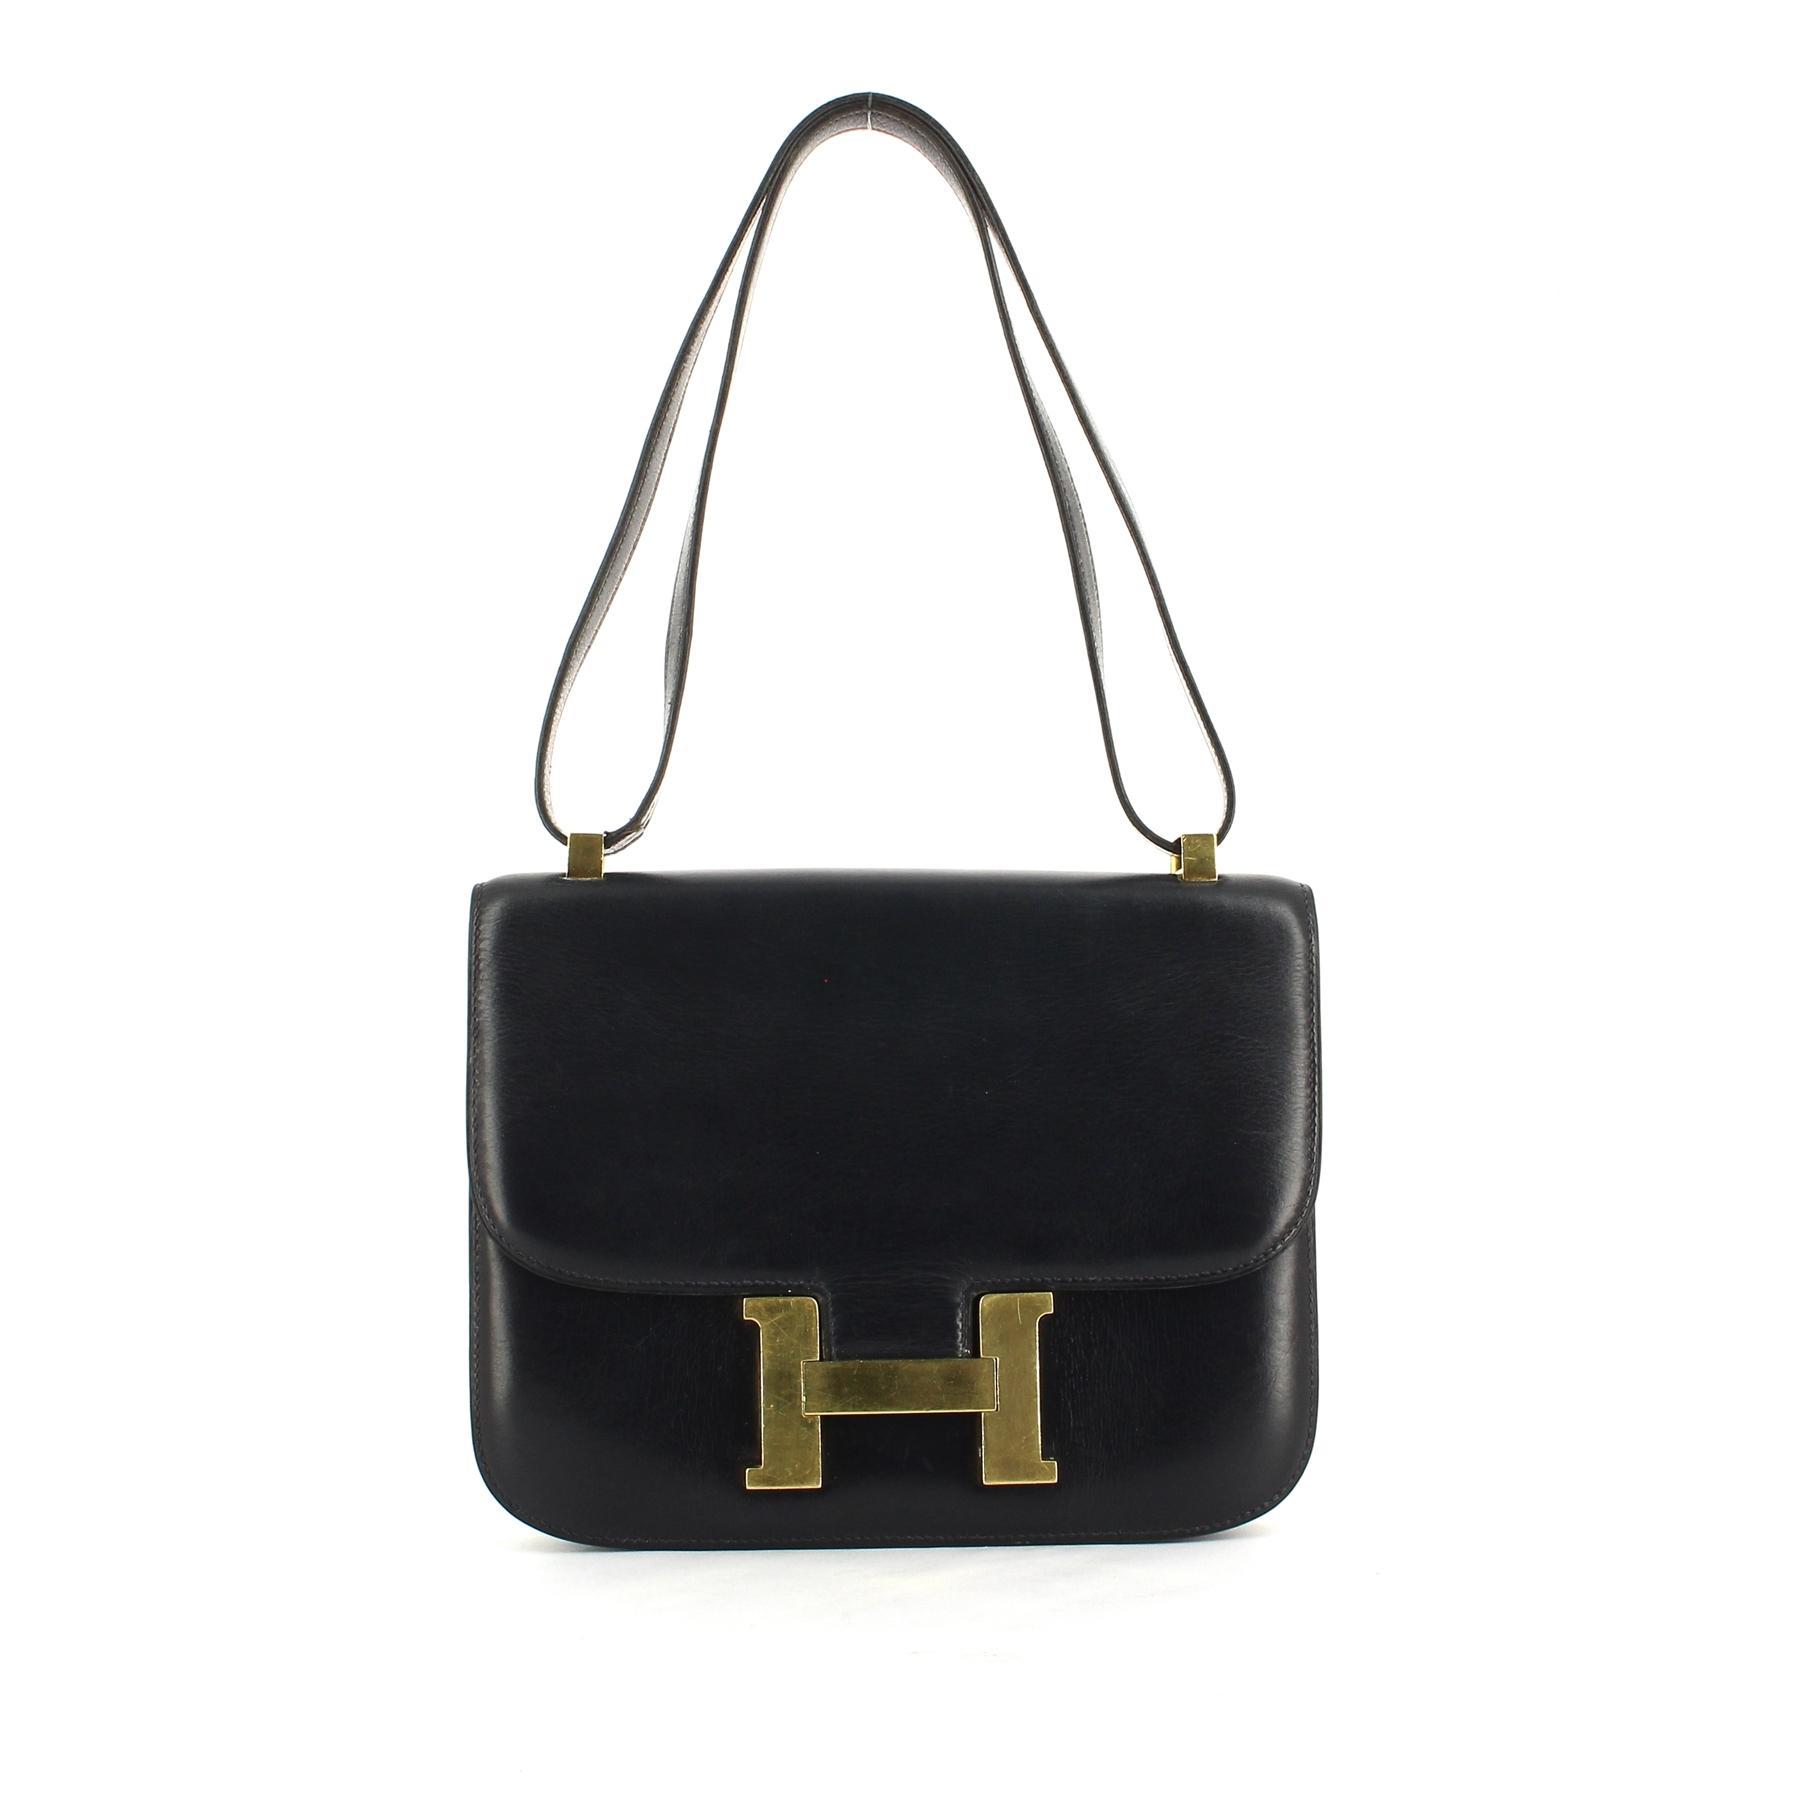 3e7cf8f81d Un sac, un look : le Constance d'Hermès, l'indispensable bandoulière ...